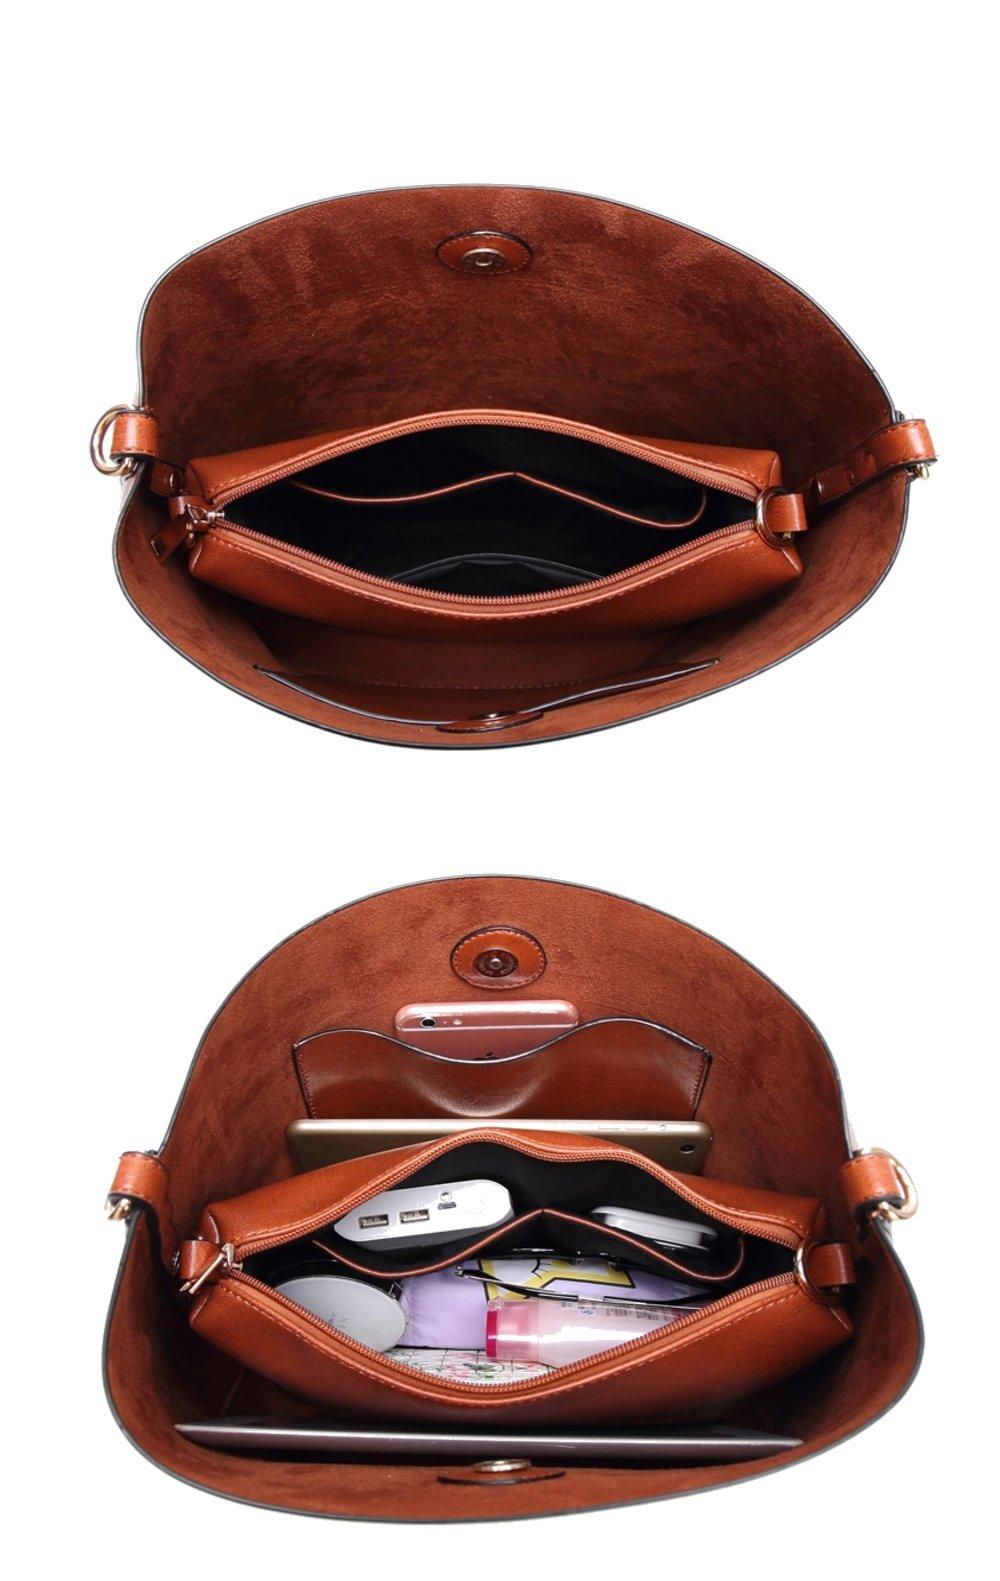 Women Handbags Designer Ladies Satchel Hobo Bags Tote PU Leather Handbags Shoulder Purse by BragBag (Image #7)